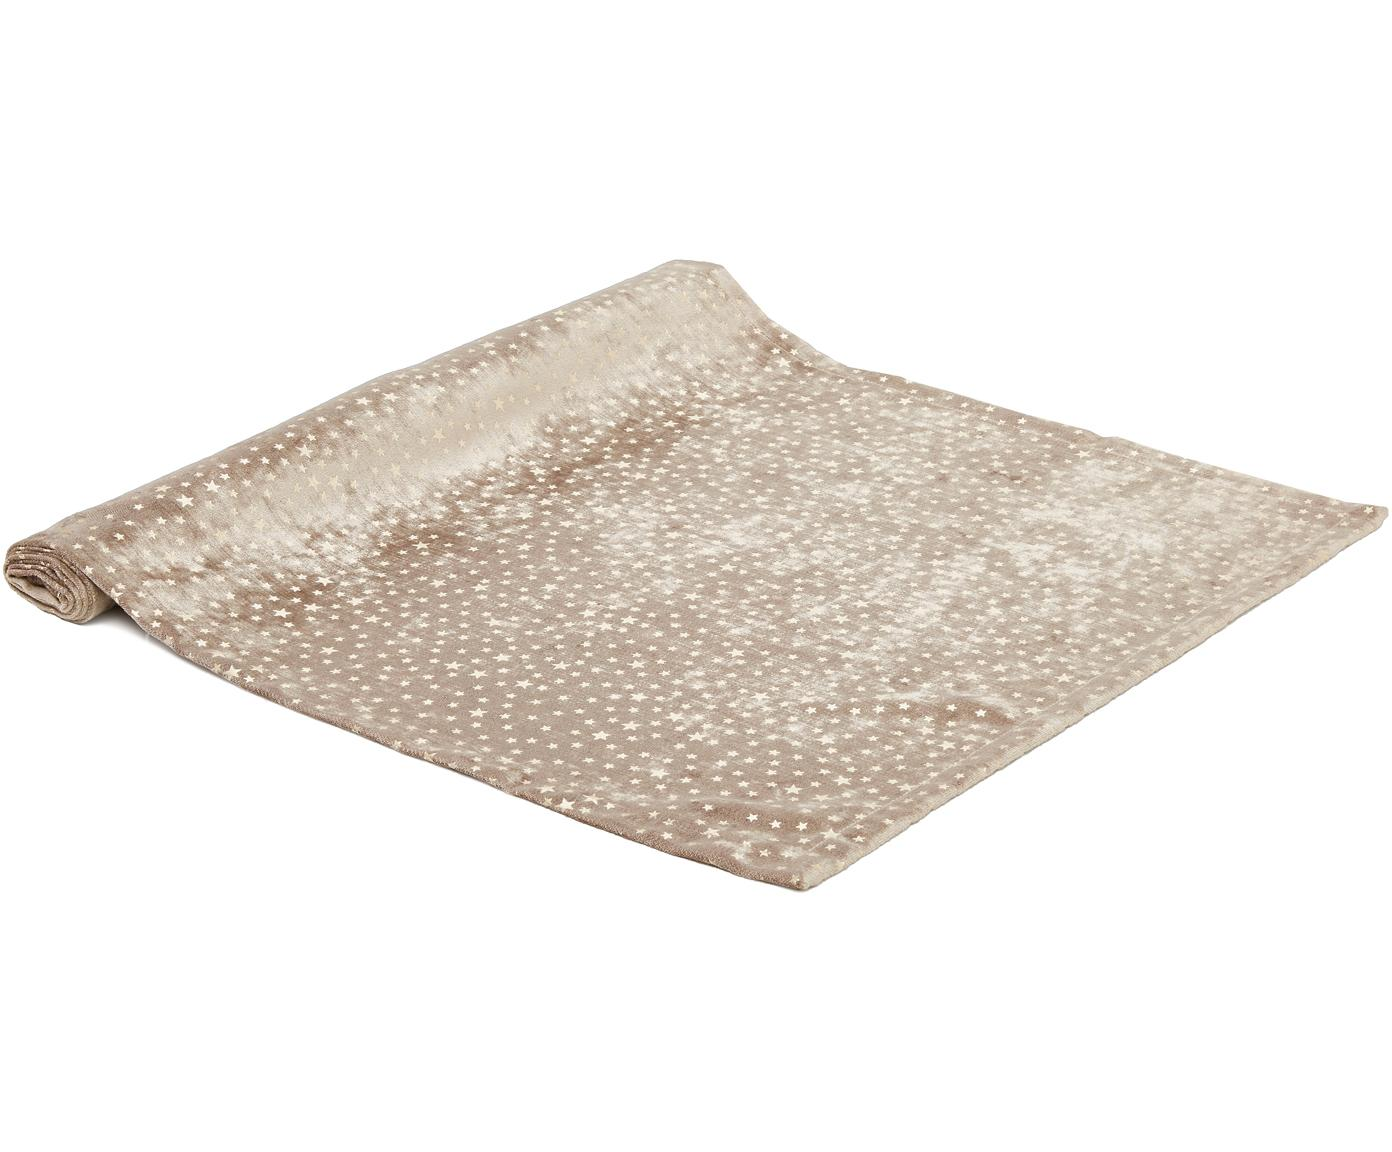 Runner da tavolo in velluto Estrella, Velluto di poliestere, Beige, dorato, Larg. 50 x Lung. 140 cm